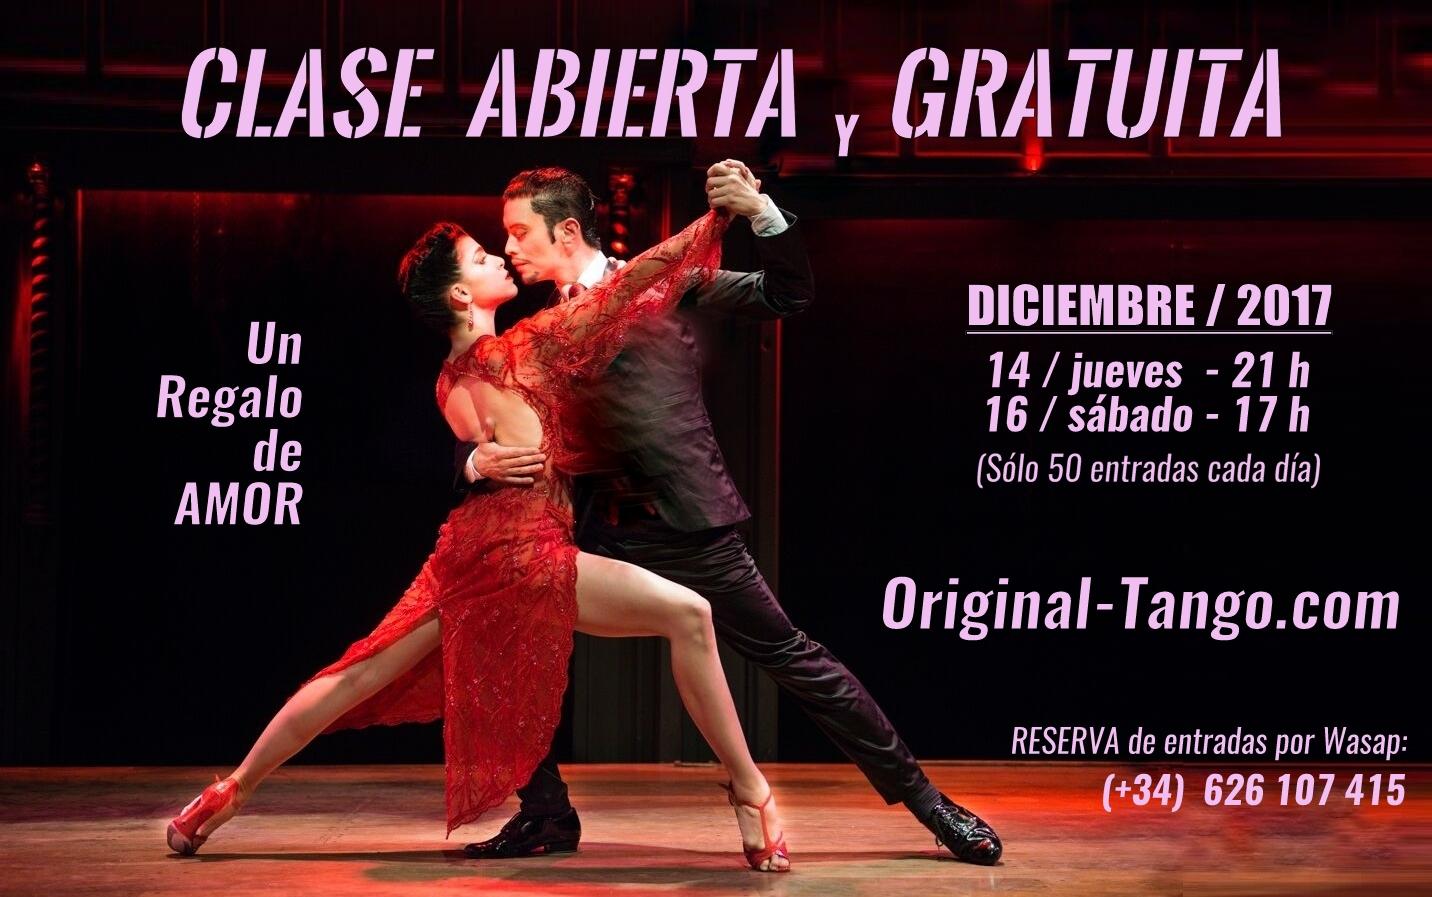 conocer gente por tango